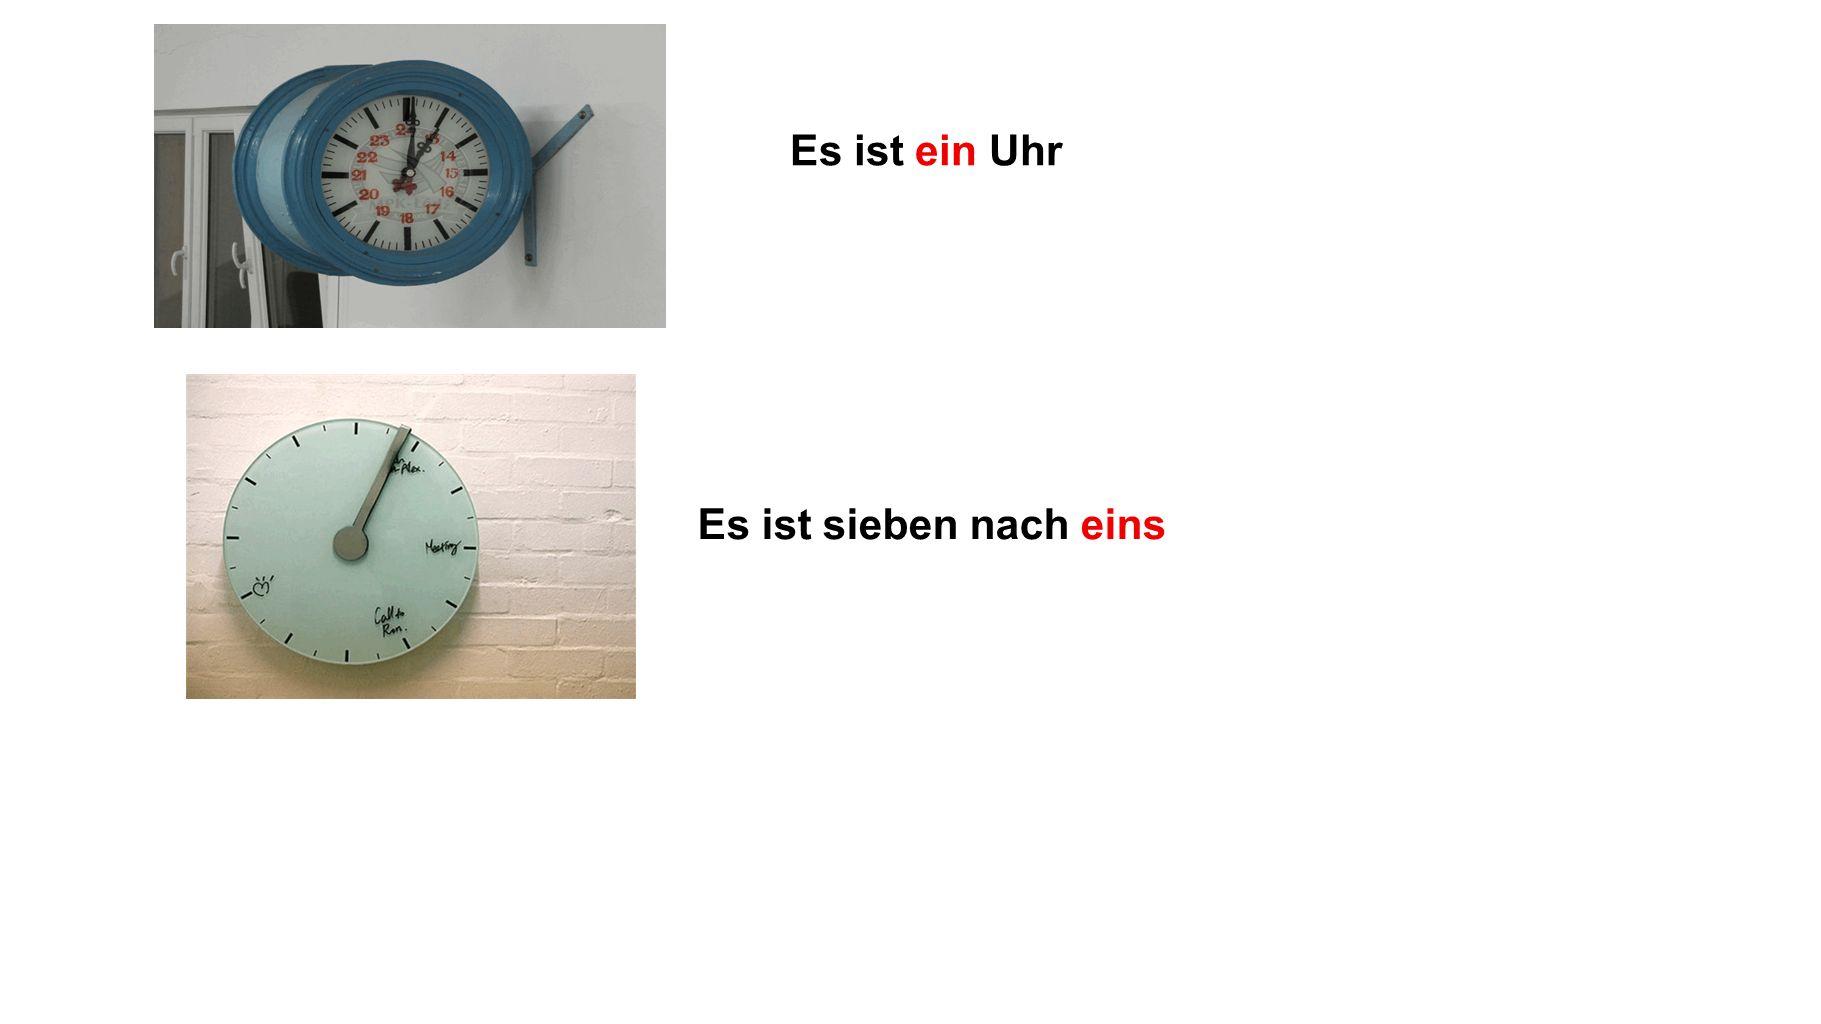 Es ist ein Uhr Es ist sieben nach eins